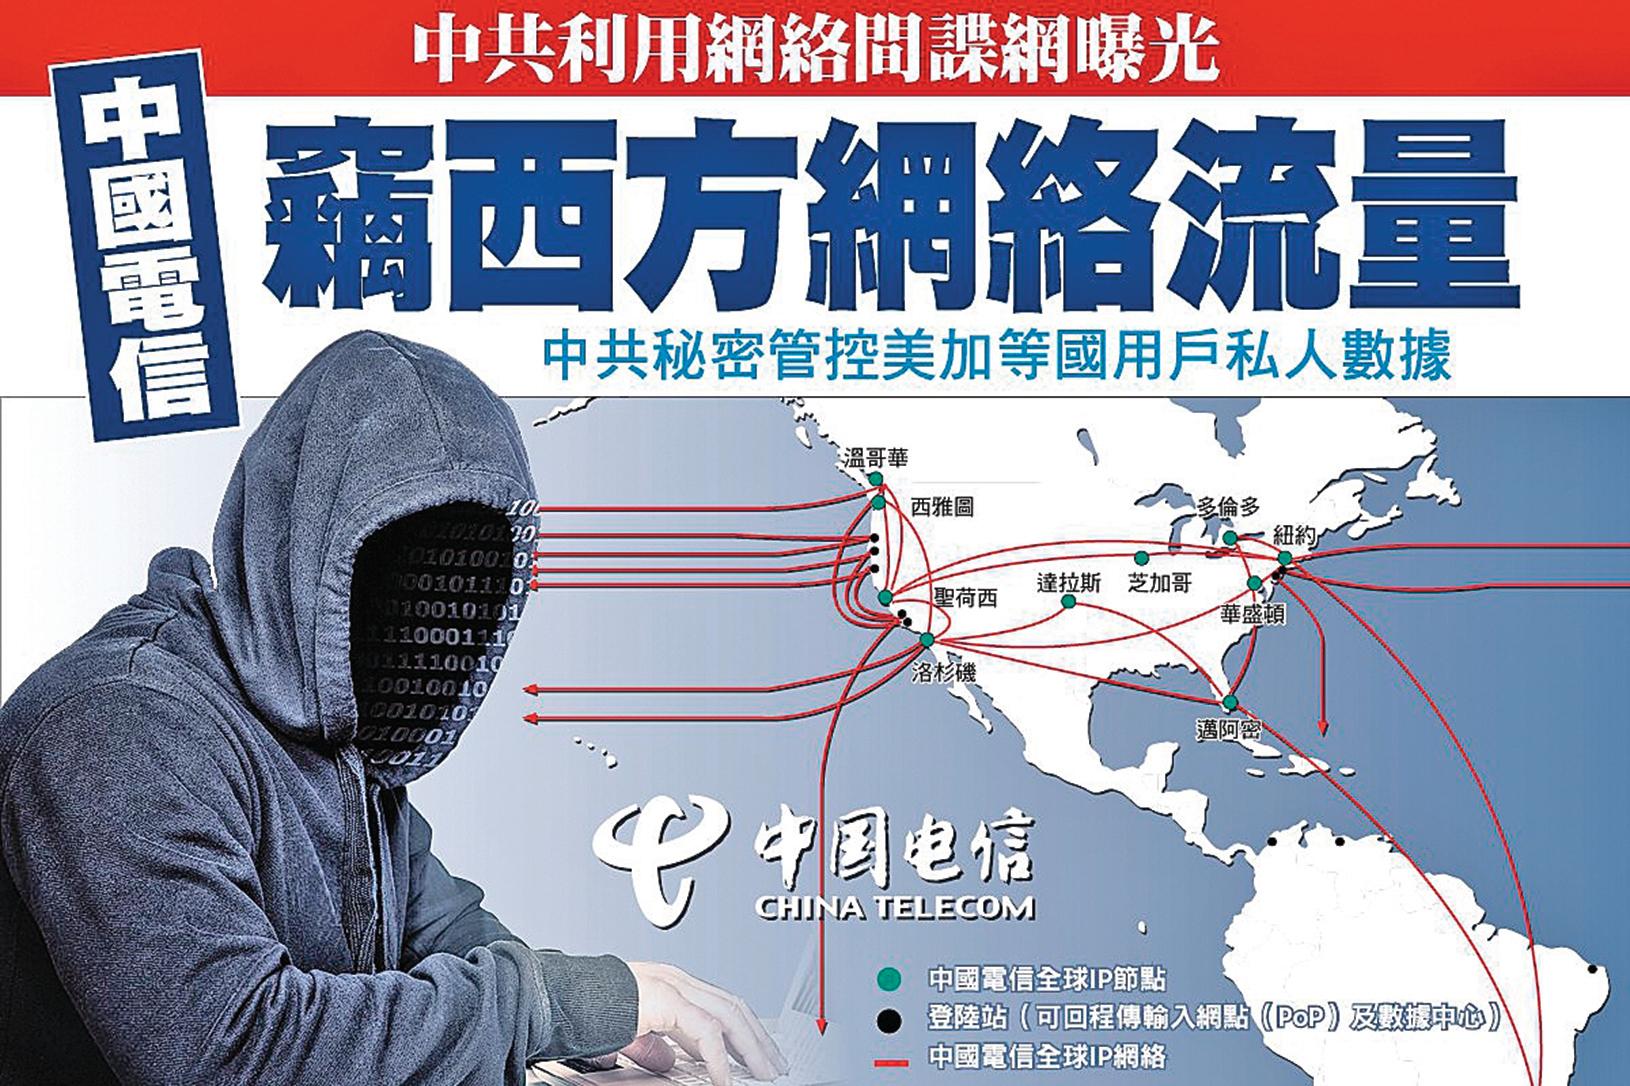 反制中共竊取知識產權的動作頻繁,除起訴十名包括中共國安在內的大陸黑客間諜、制裁大陸晶片商——福建晉華外,中共最大央企巨頭、第三大電信公司——中國電信,也被揭劫持西方關鍵網絡,從事黑客間諜活動。(大紀元合成圖)